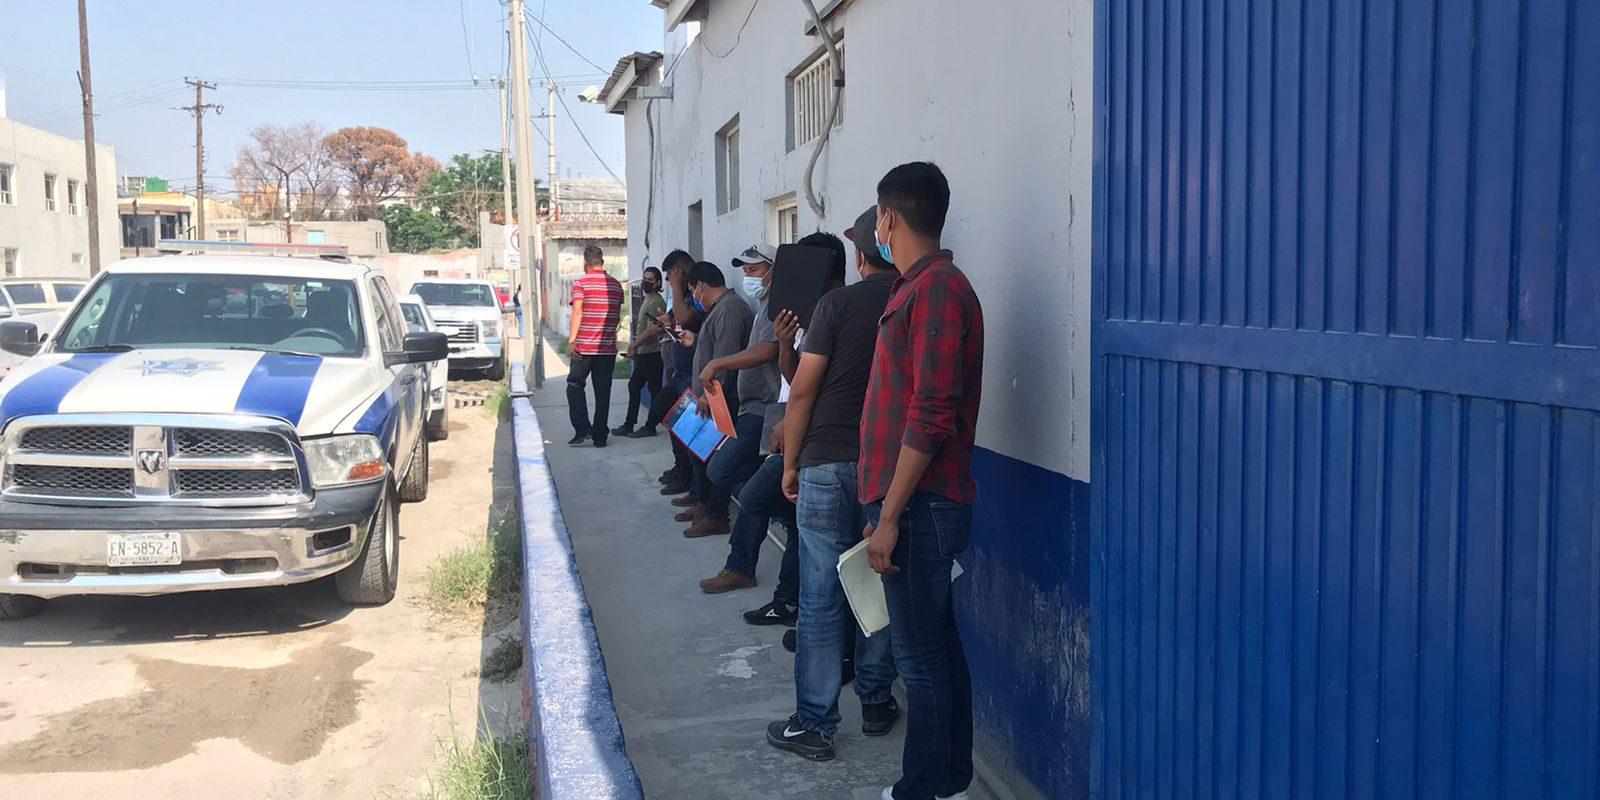 Policiaca: Analizan abrir Academia de Policía en Monclova, analiza curriculum de aspirantes